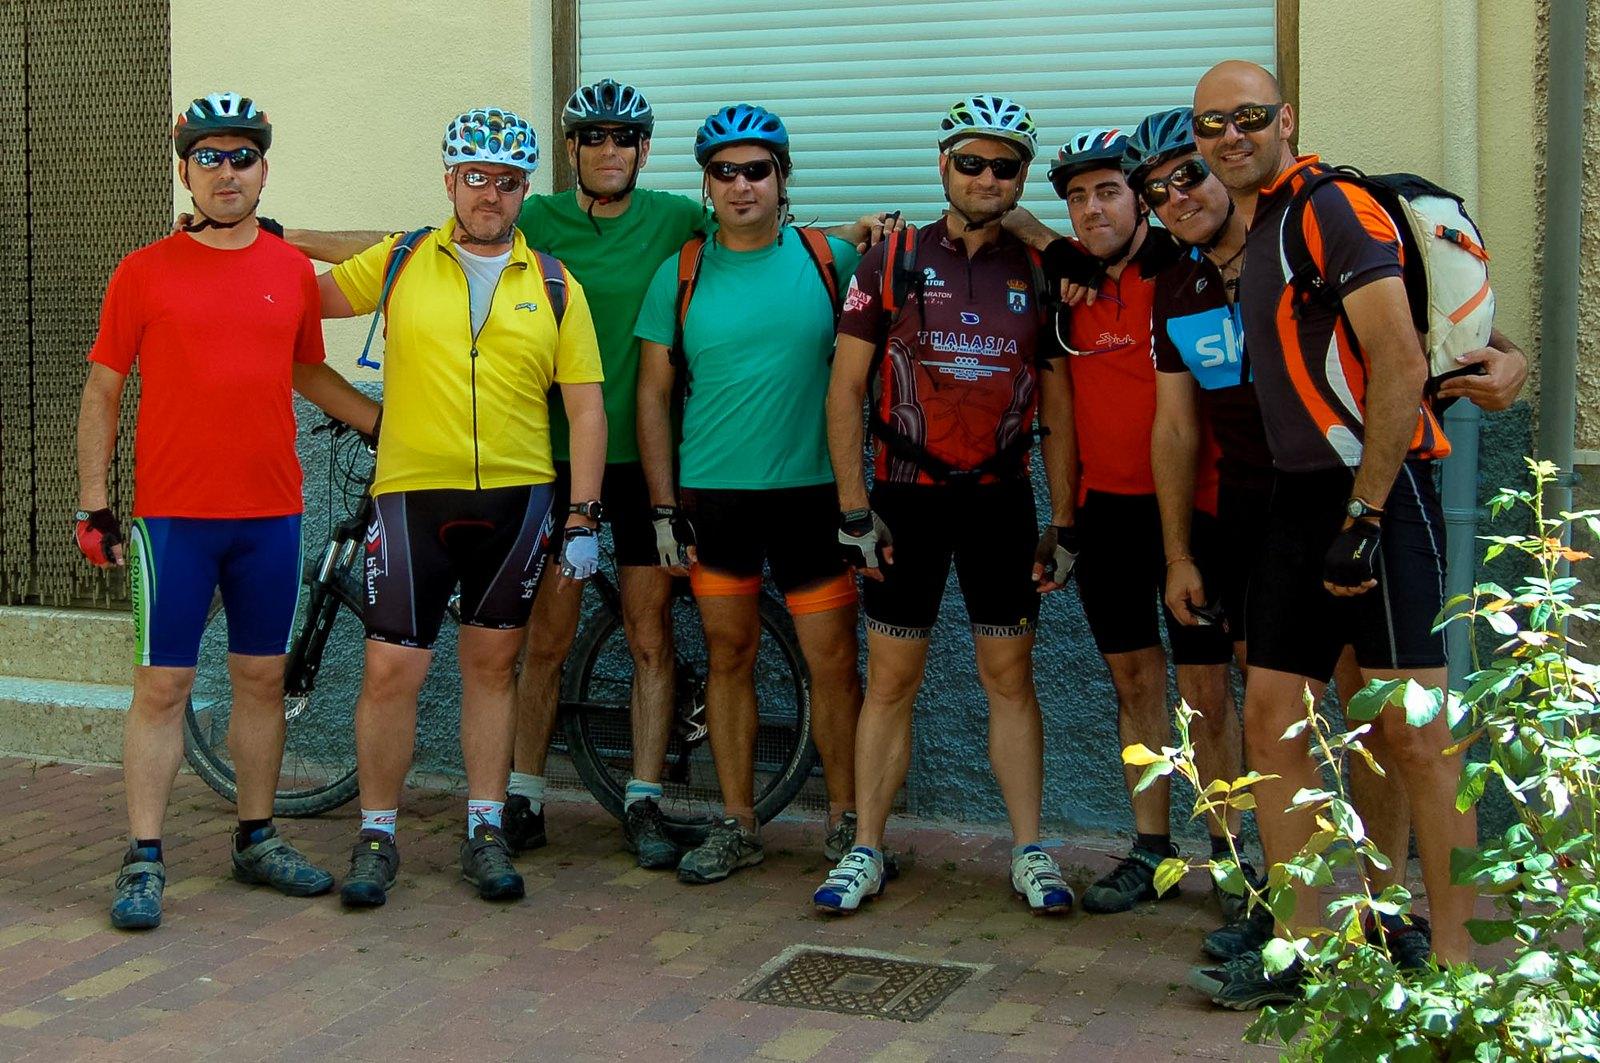 El equipo antes de salir